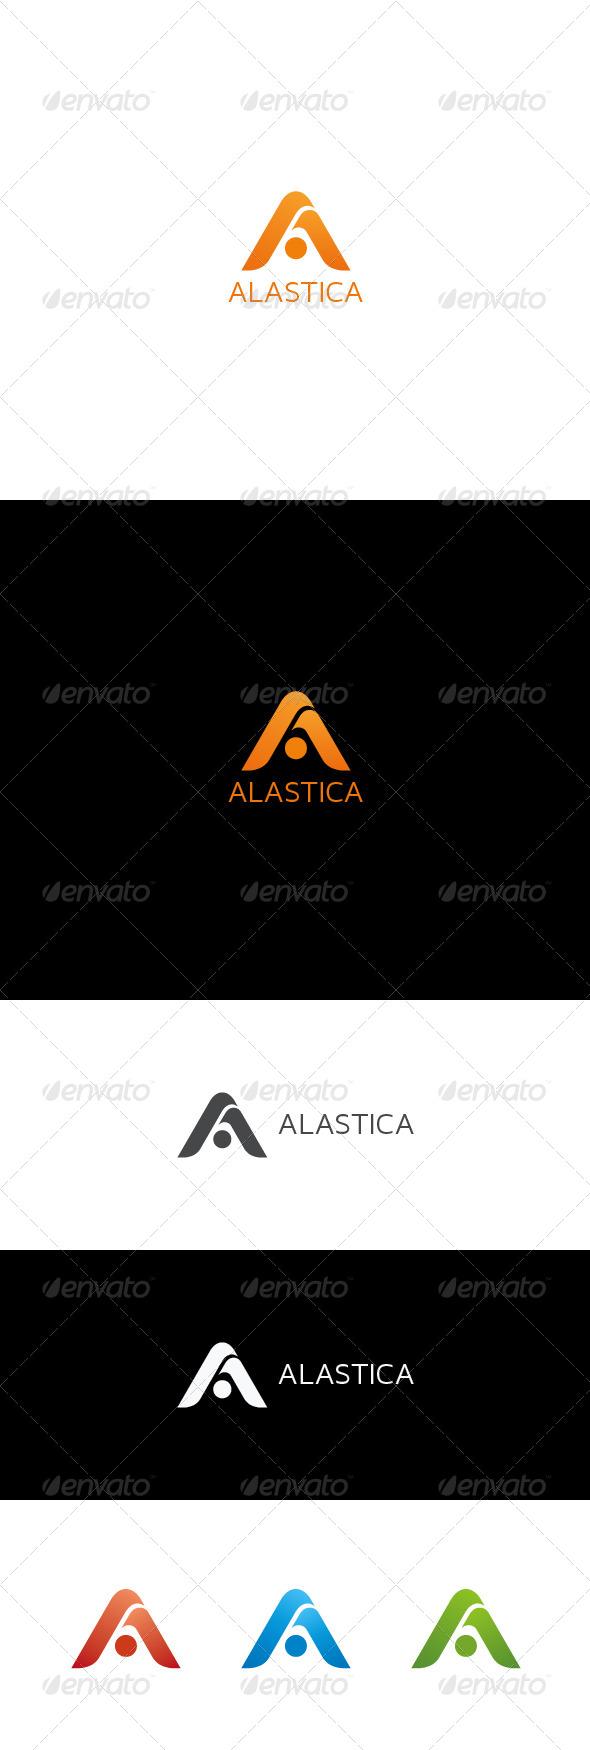 GraphicRiver A Letter Logo ALASTICA 7352874